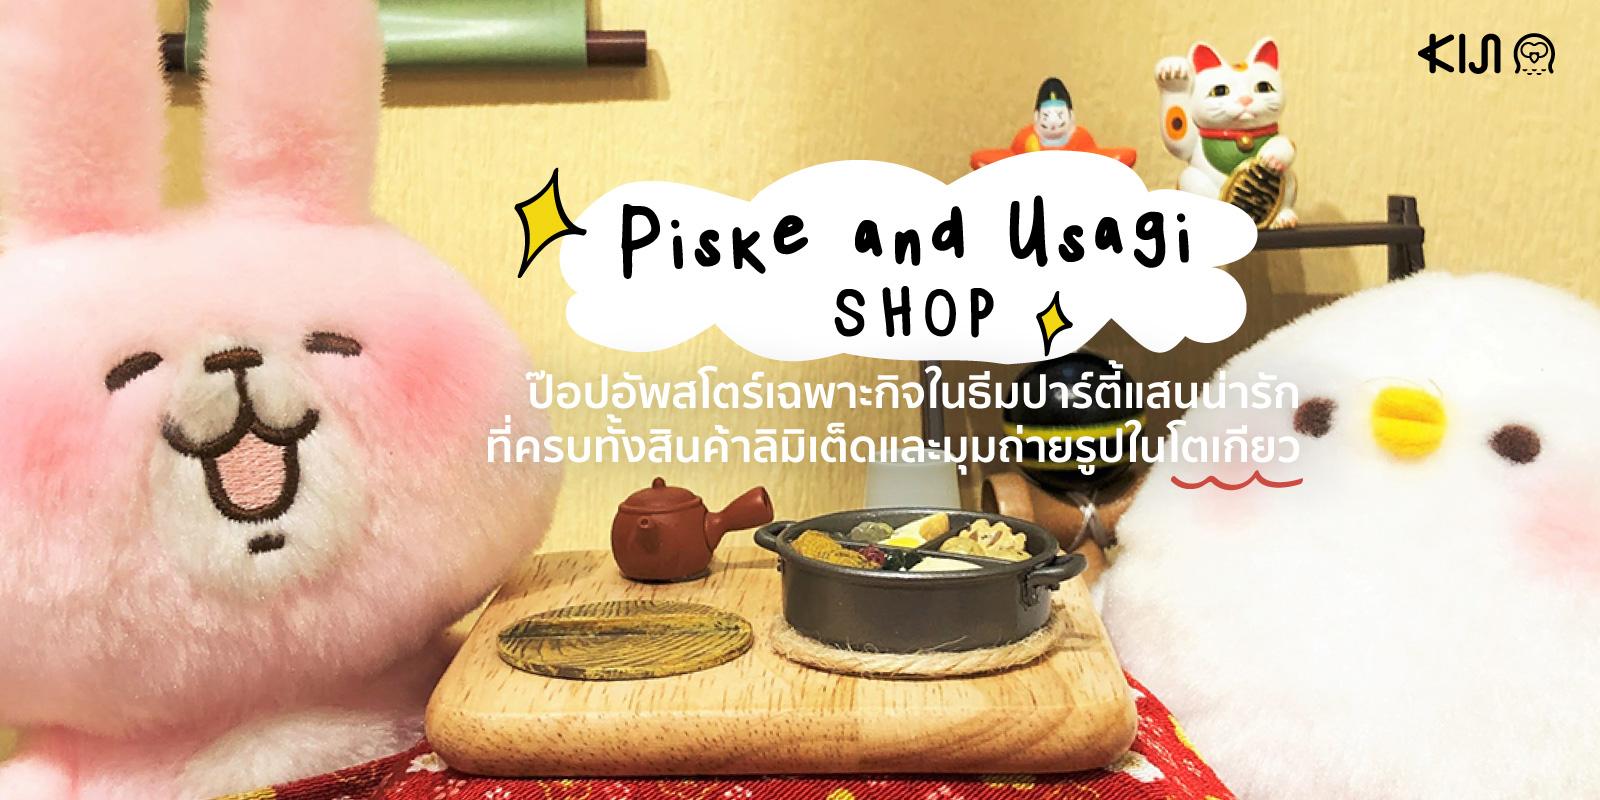 ป๊อปอัพสโตร์ Piske Usagi SHOP แหล่งขายสินค้าออริจินอลของเจ้ากระต่ายน้อยอุซางิและลูกเจี๊ยบพิสึเกะ